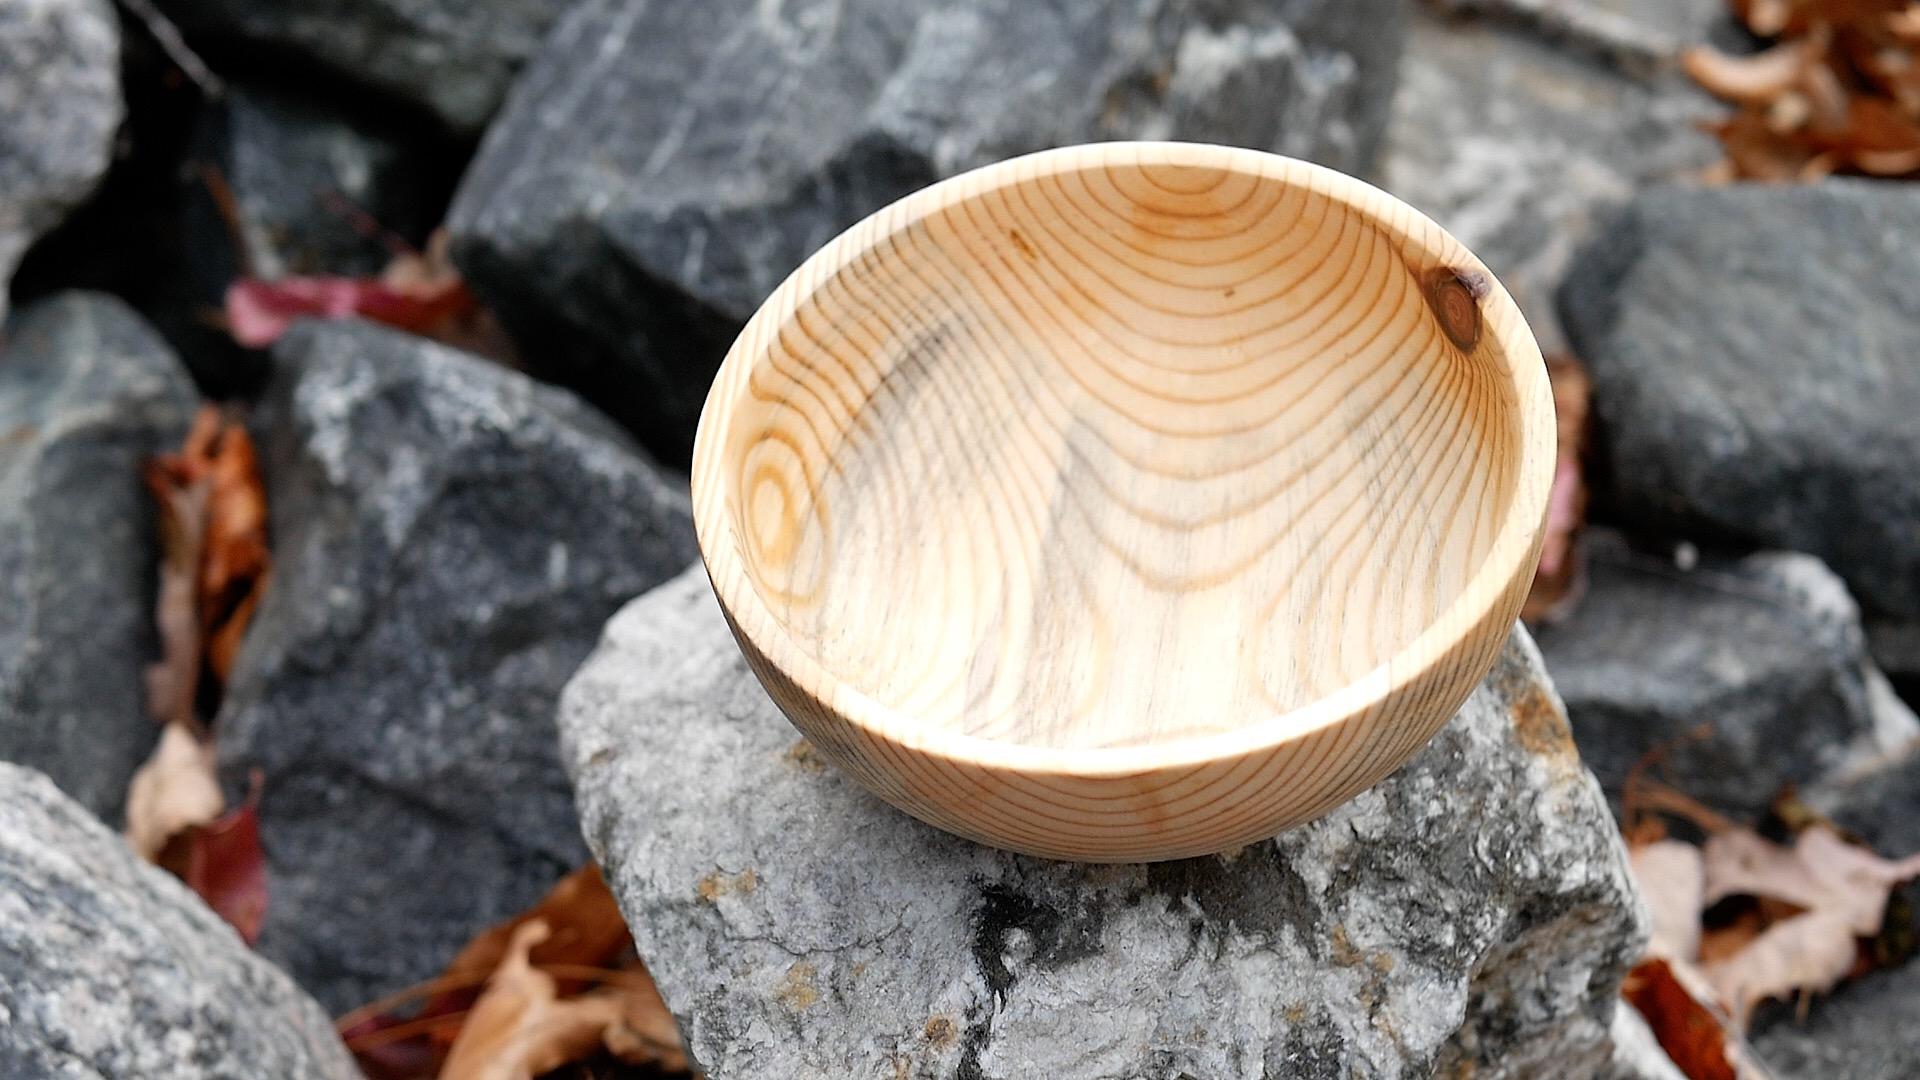 woodturning firewood Log To Bowl